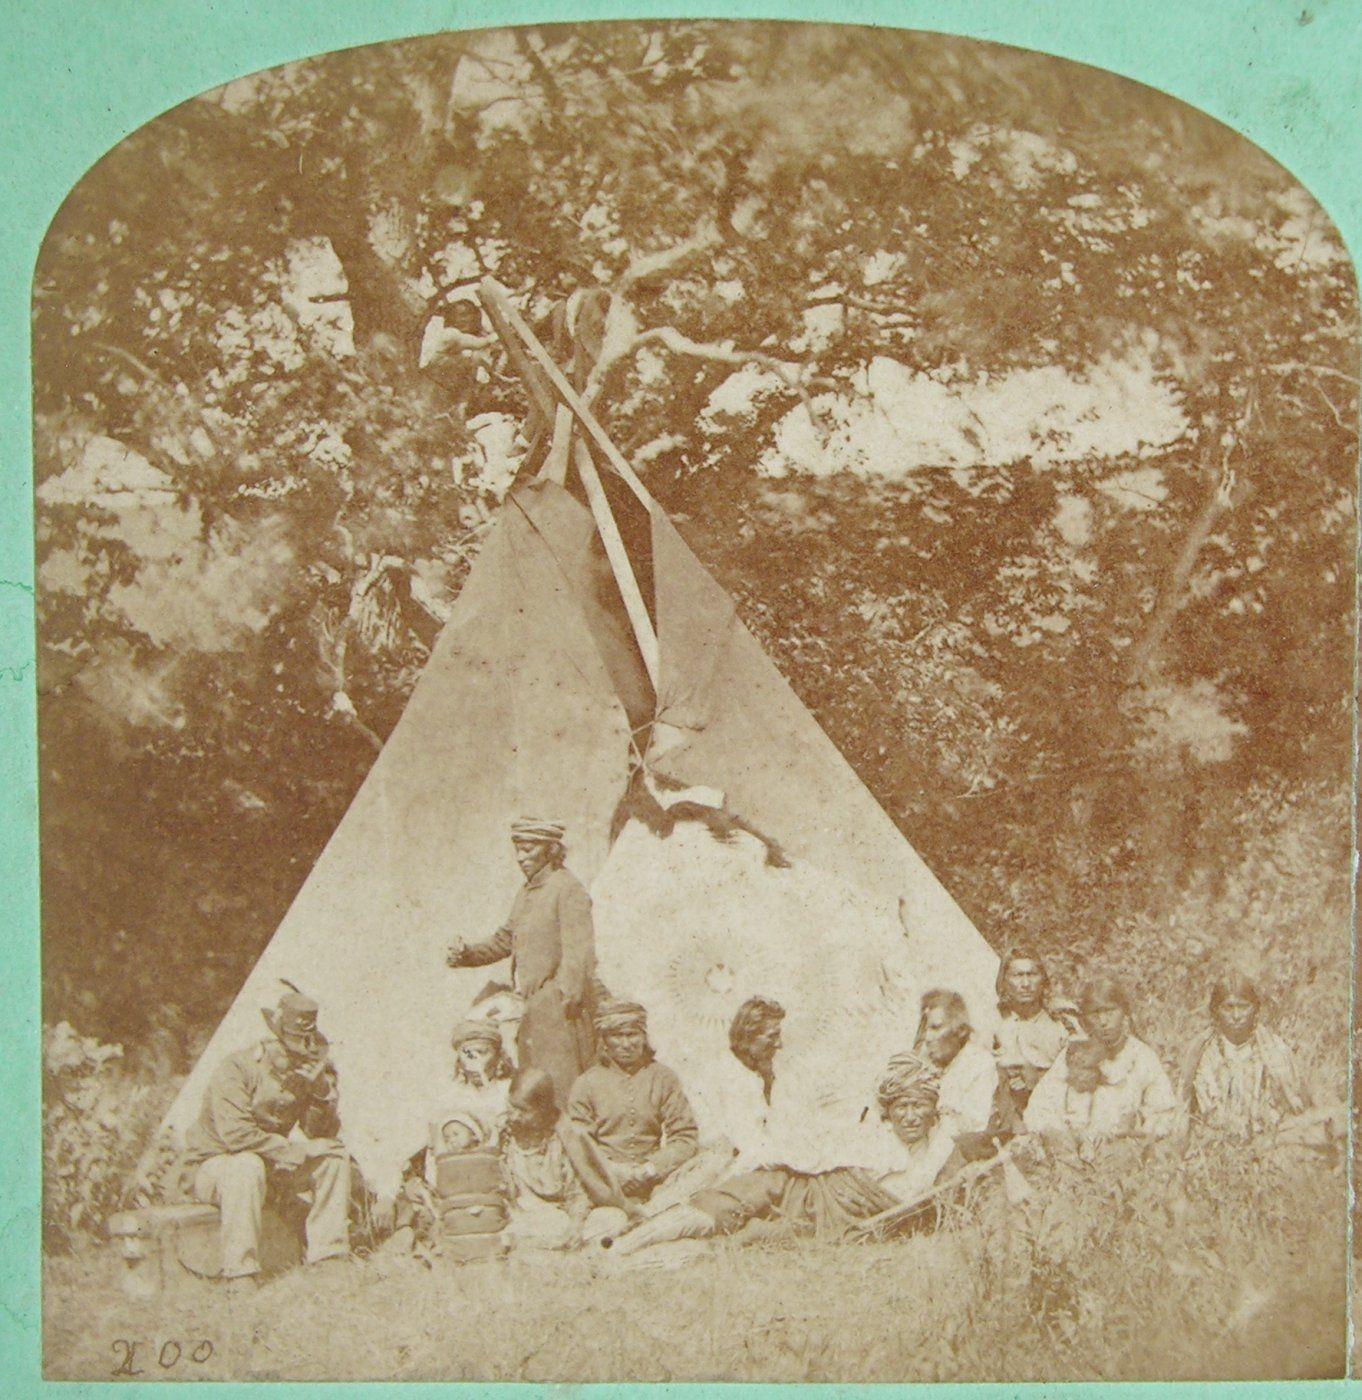 http://www.american-tribes.com/messageboards/dietmar/camp.jpg